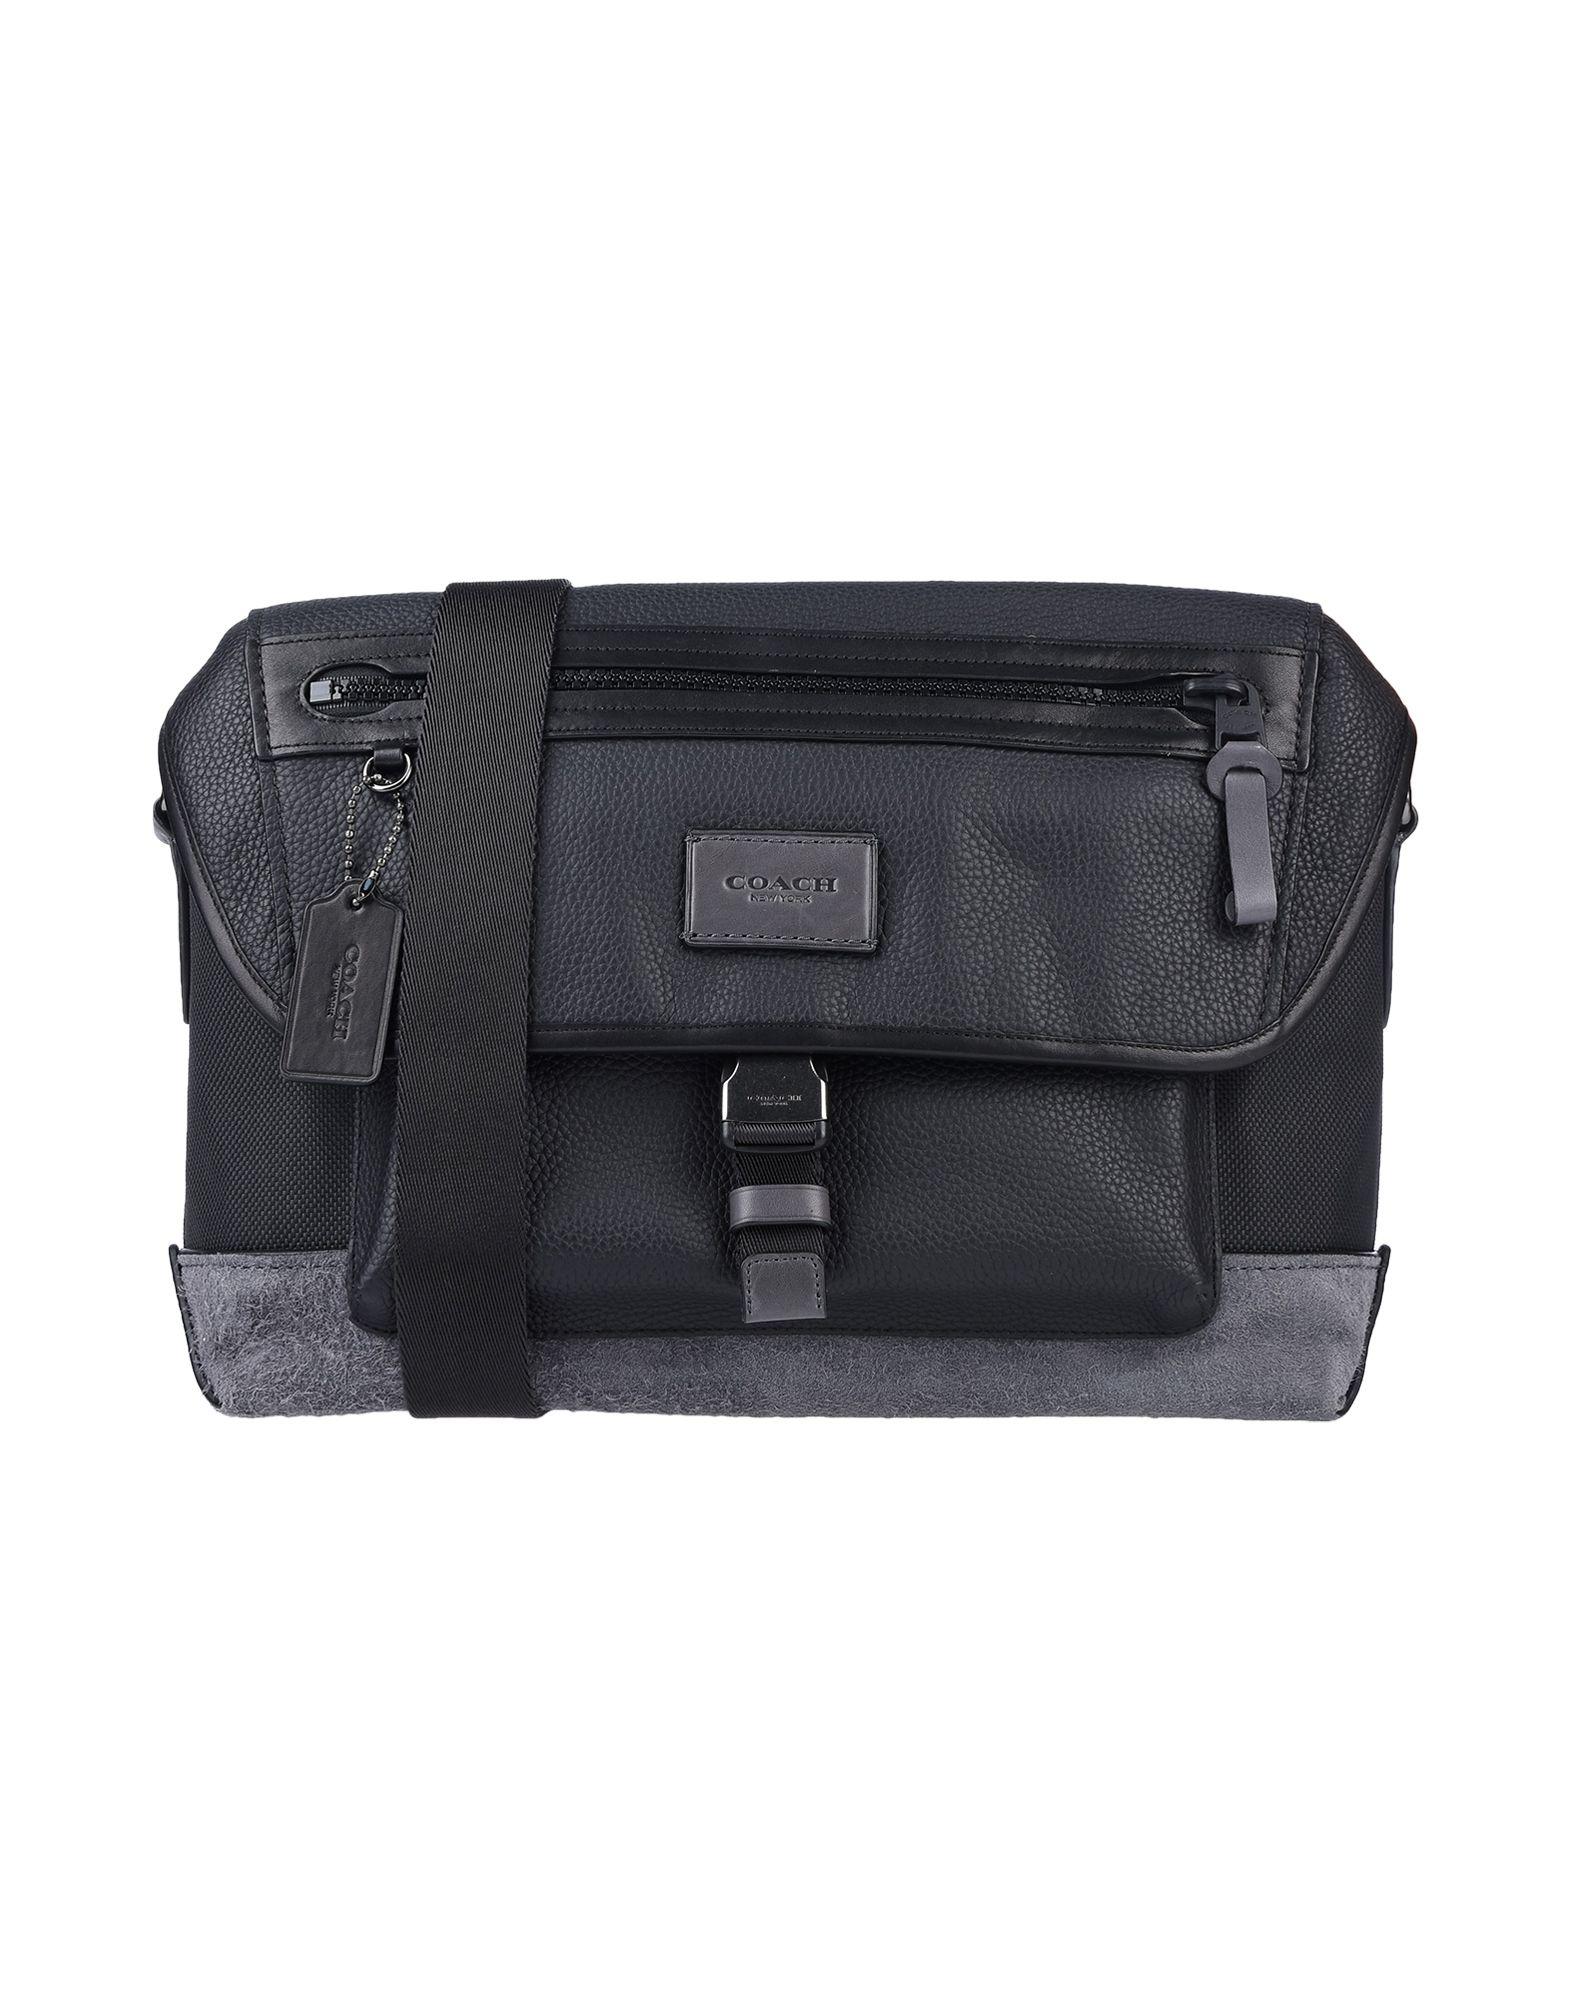 38d9a2f44418 《限定セール中》COACH メンズ メッセンジャーバッグ ブラック 革 / 紡績繊維